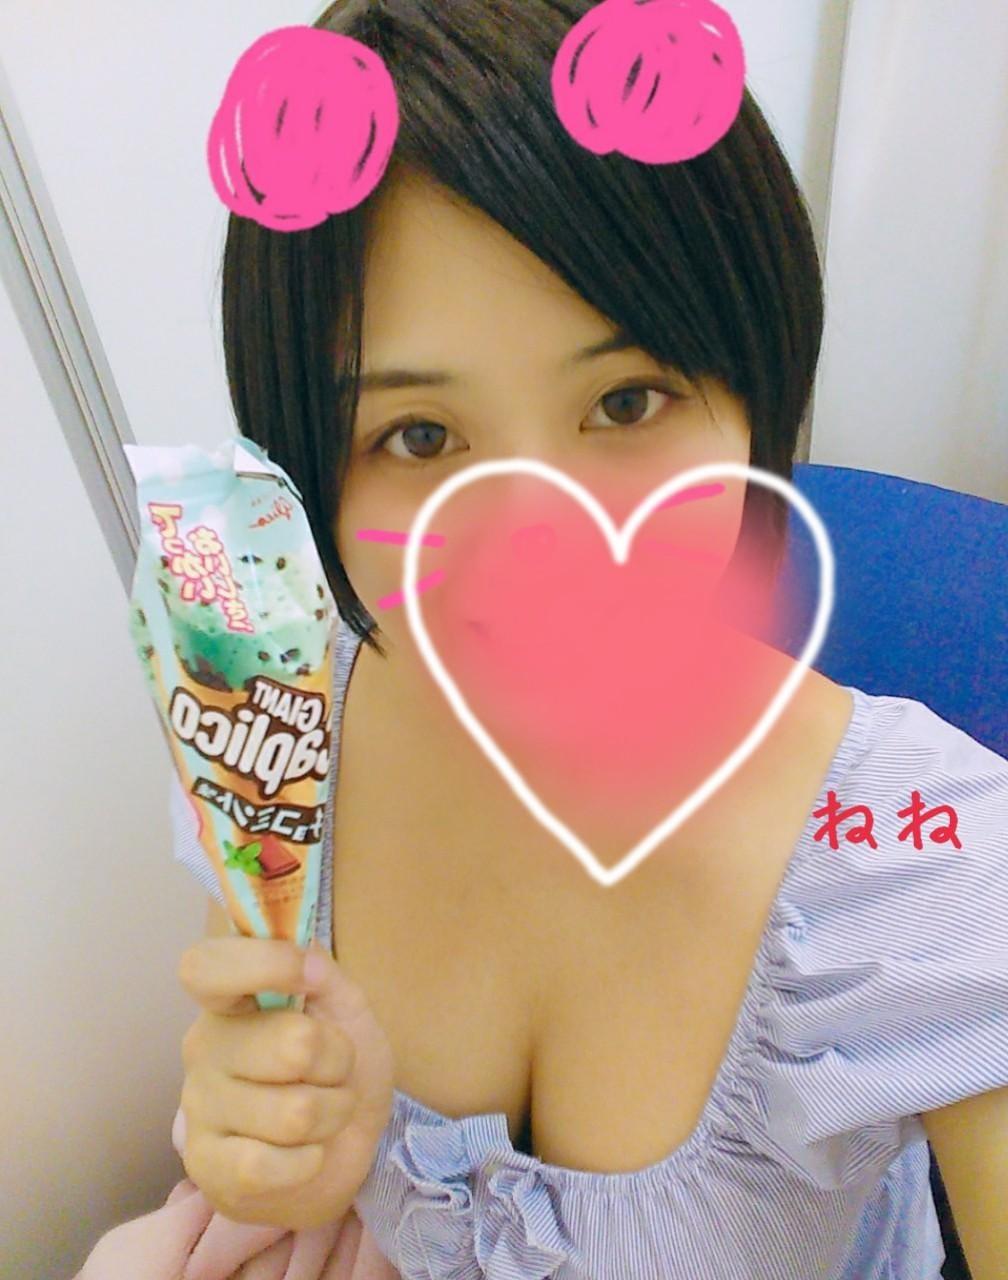 「おやつ(*ˊ▽ˋ*)」06/22(06/22) 13:39 | ねねの写メ・風俗動画